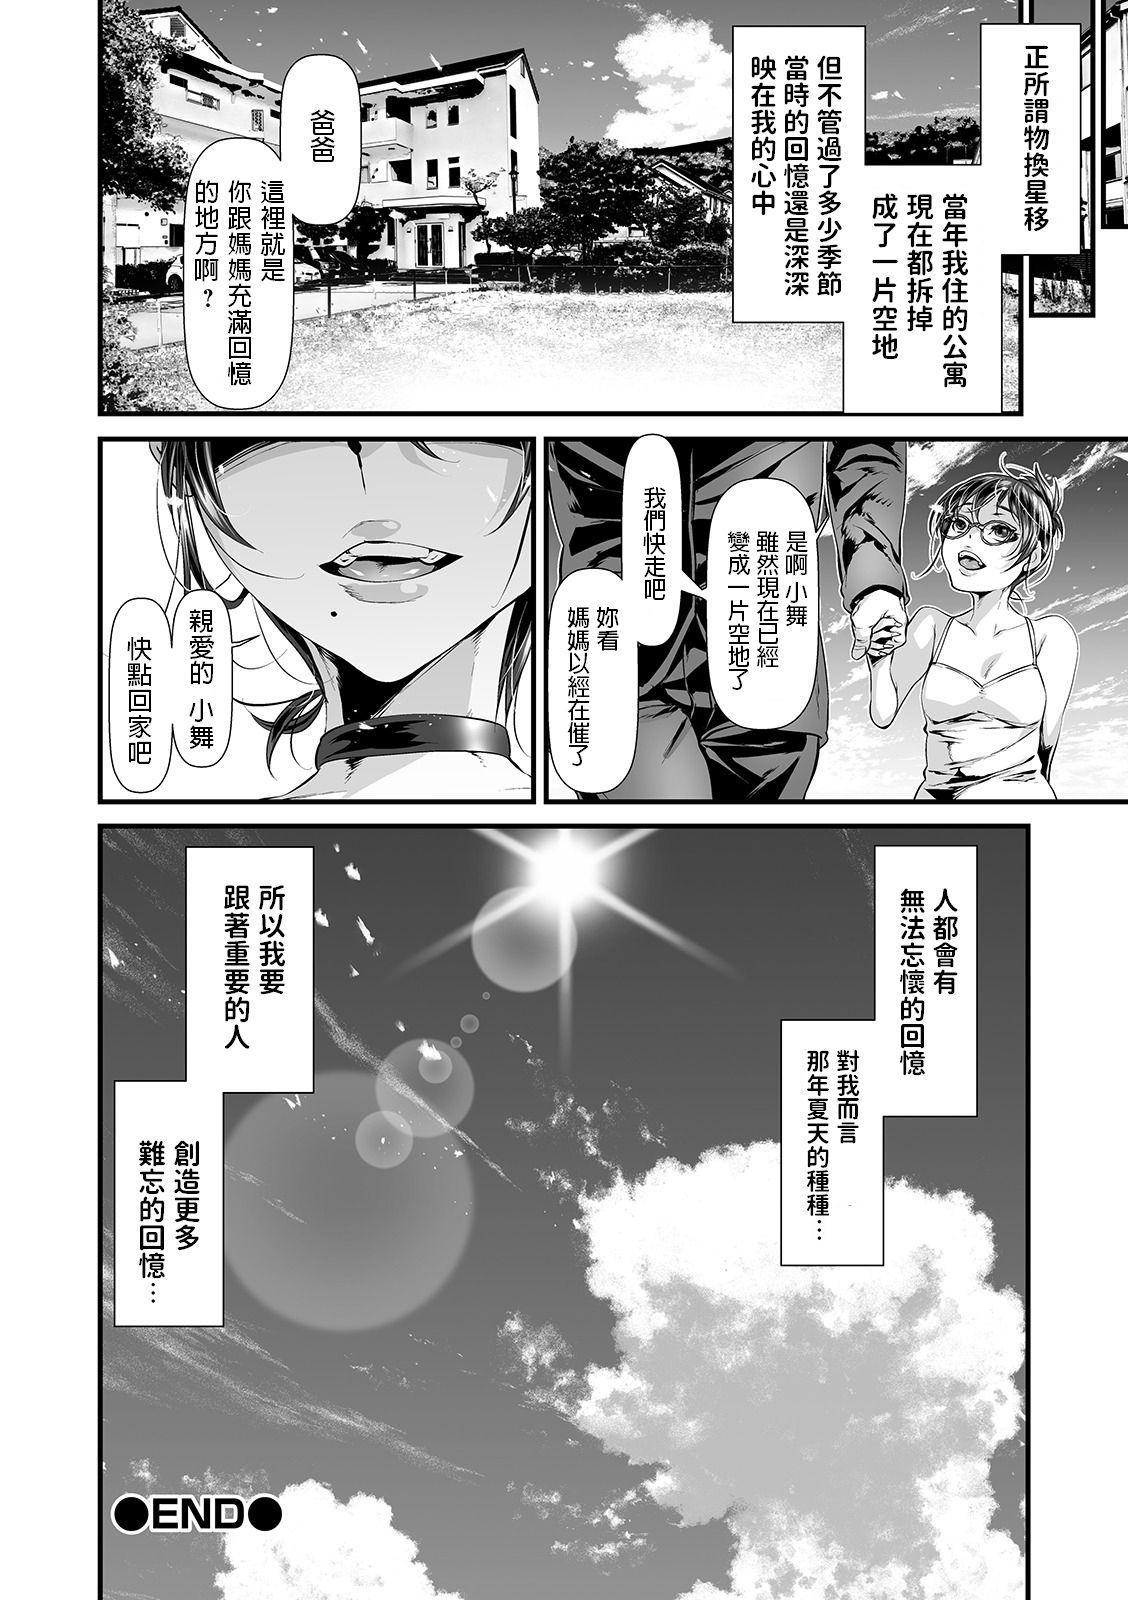 Omoide no Natsu no Hi 11